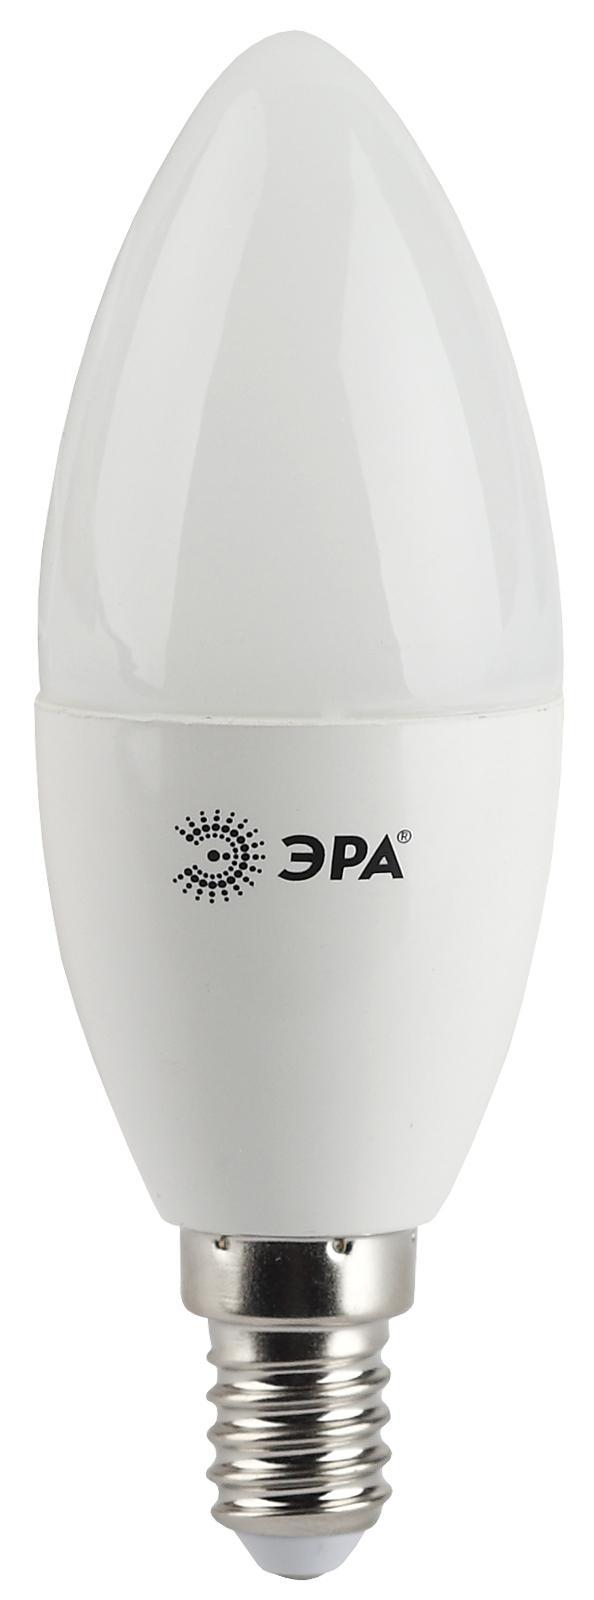 Лампа светодиодная ЭРА Led smd b35-5w-840-e14